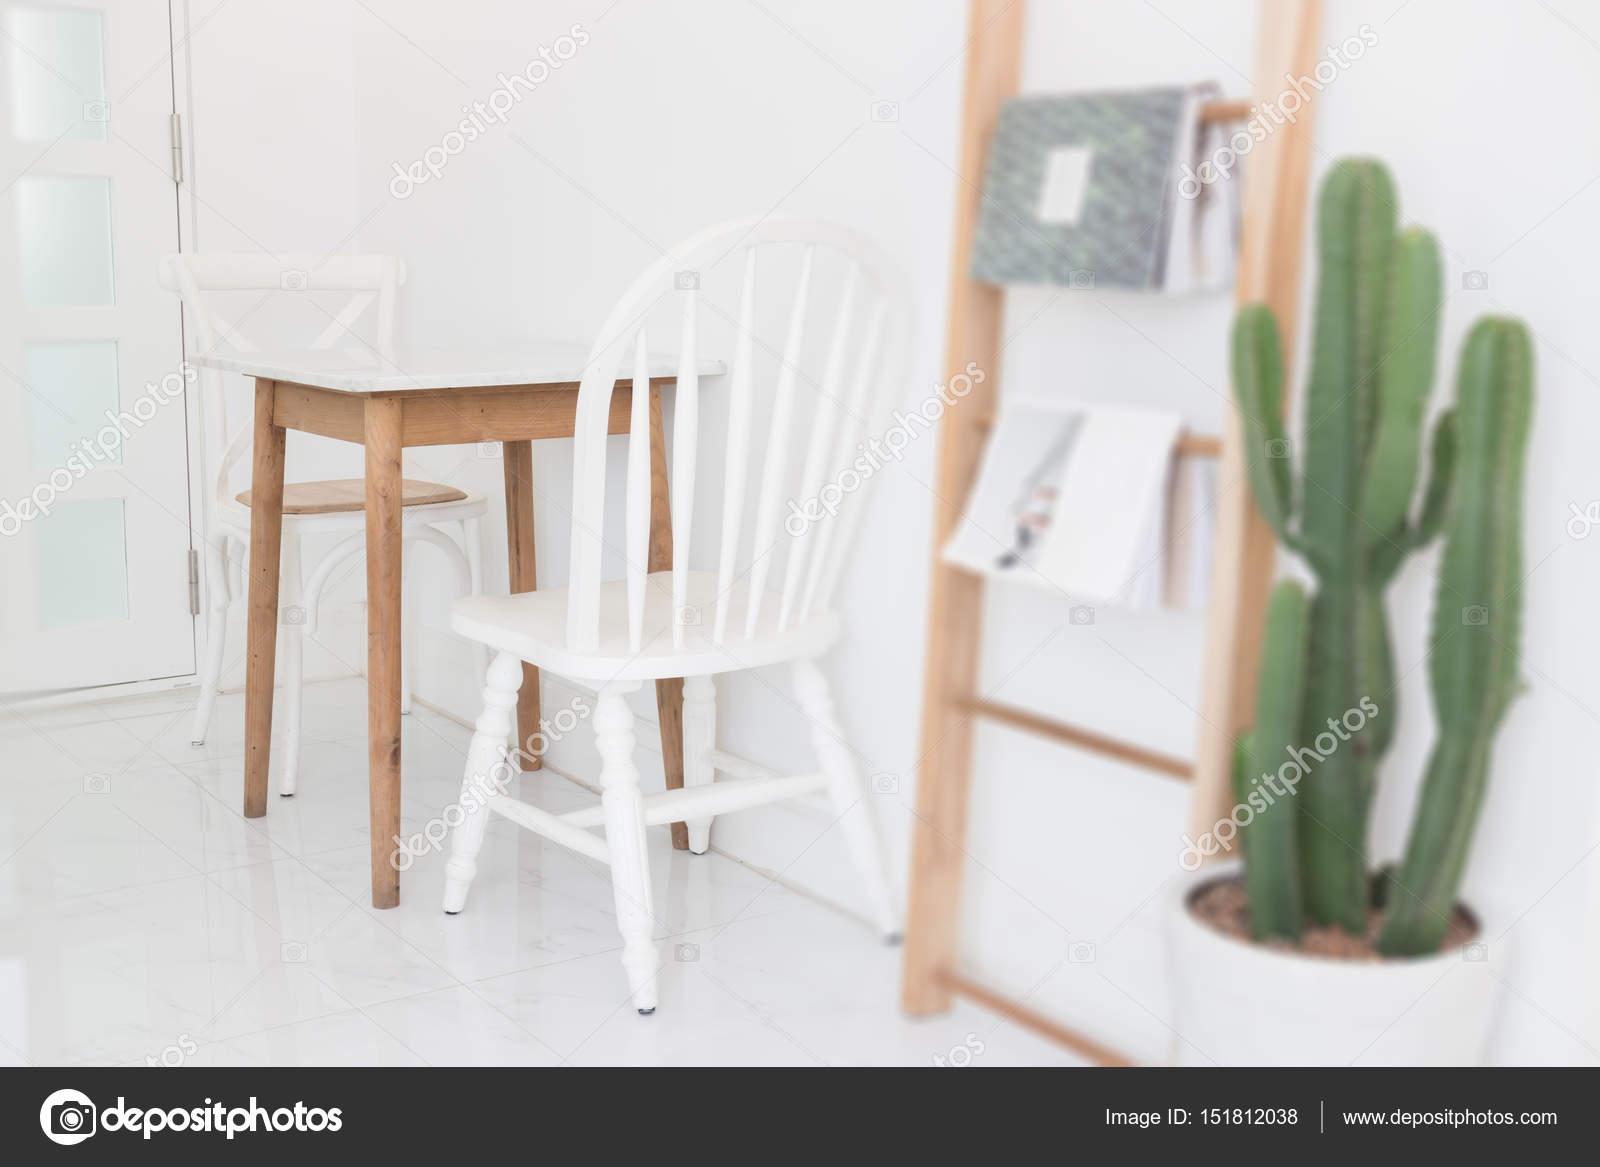 Najnowsze Białe drewniane krzesło w stylu retro — Zdjęcie stockowe BL02